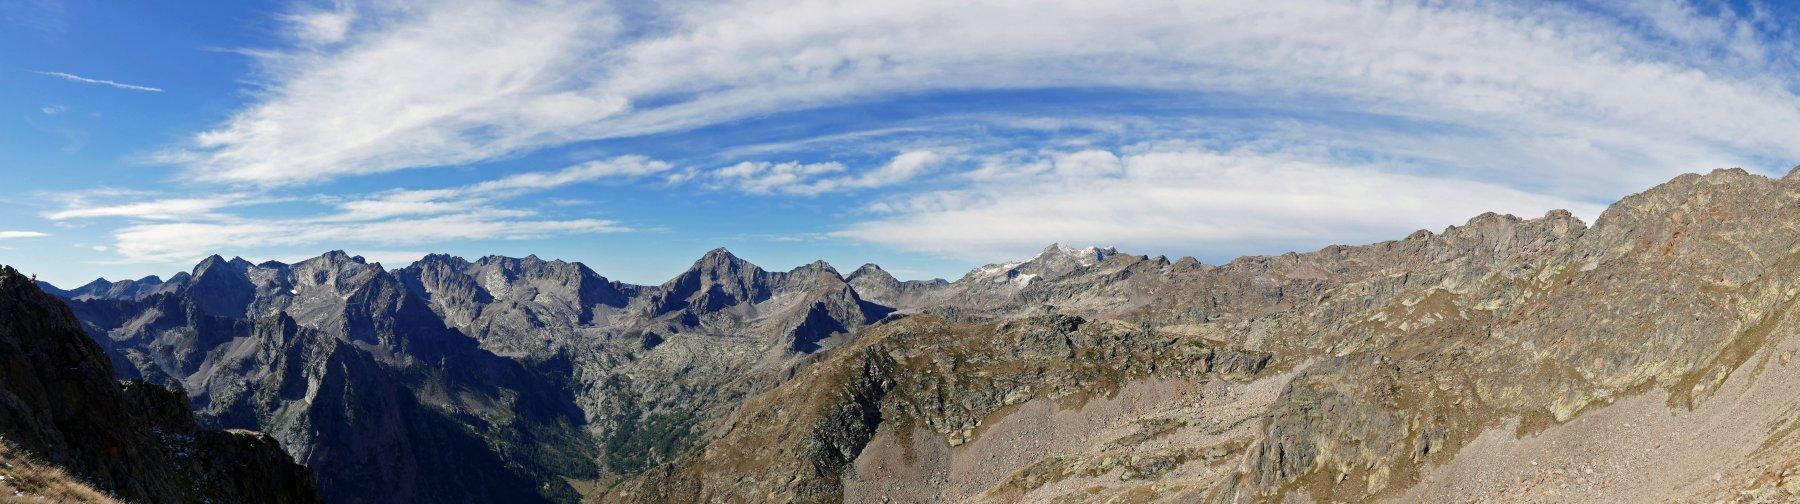 Panorama sulla valle Gesso salendo nel vallone di Valmiana